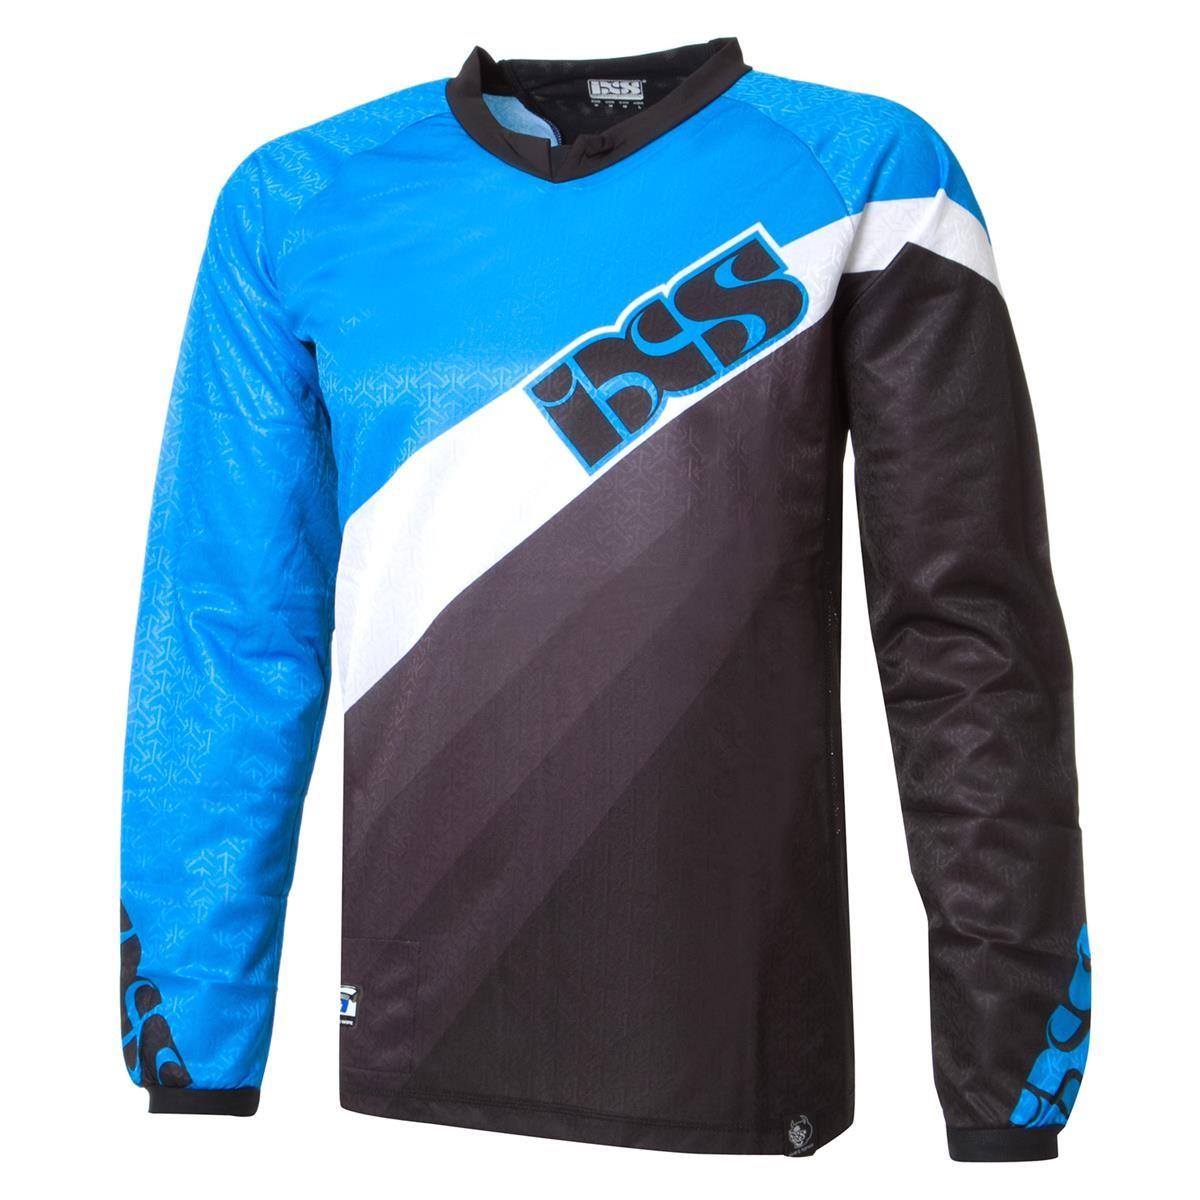 IXS Jersey Resun DH, S, Blau